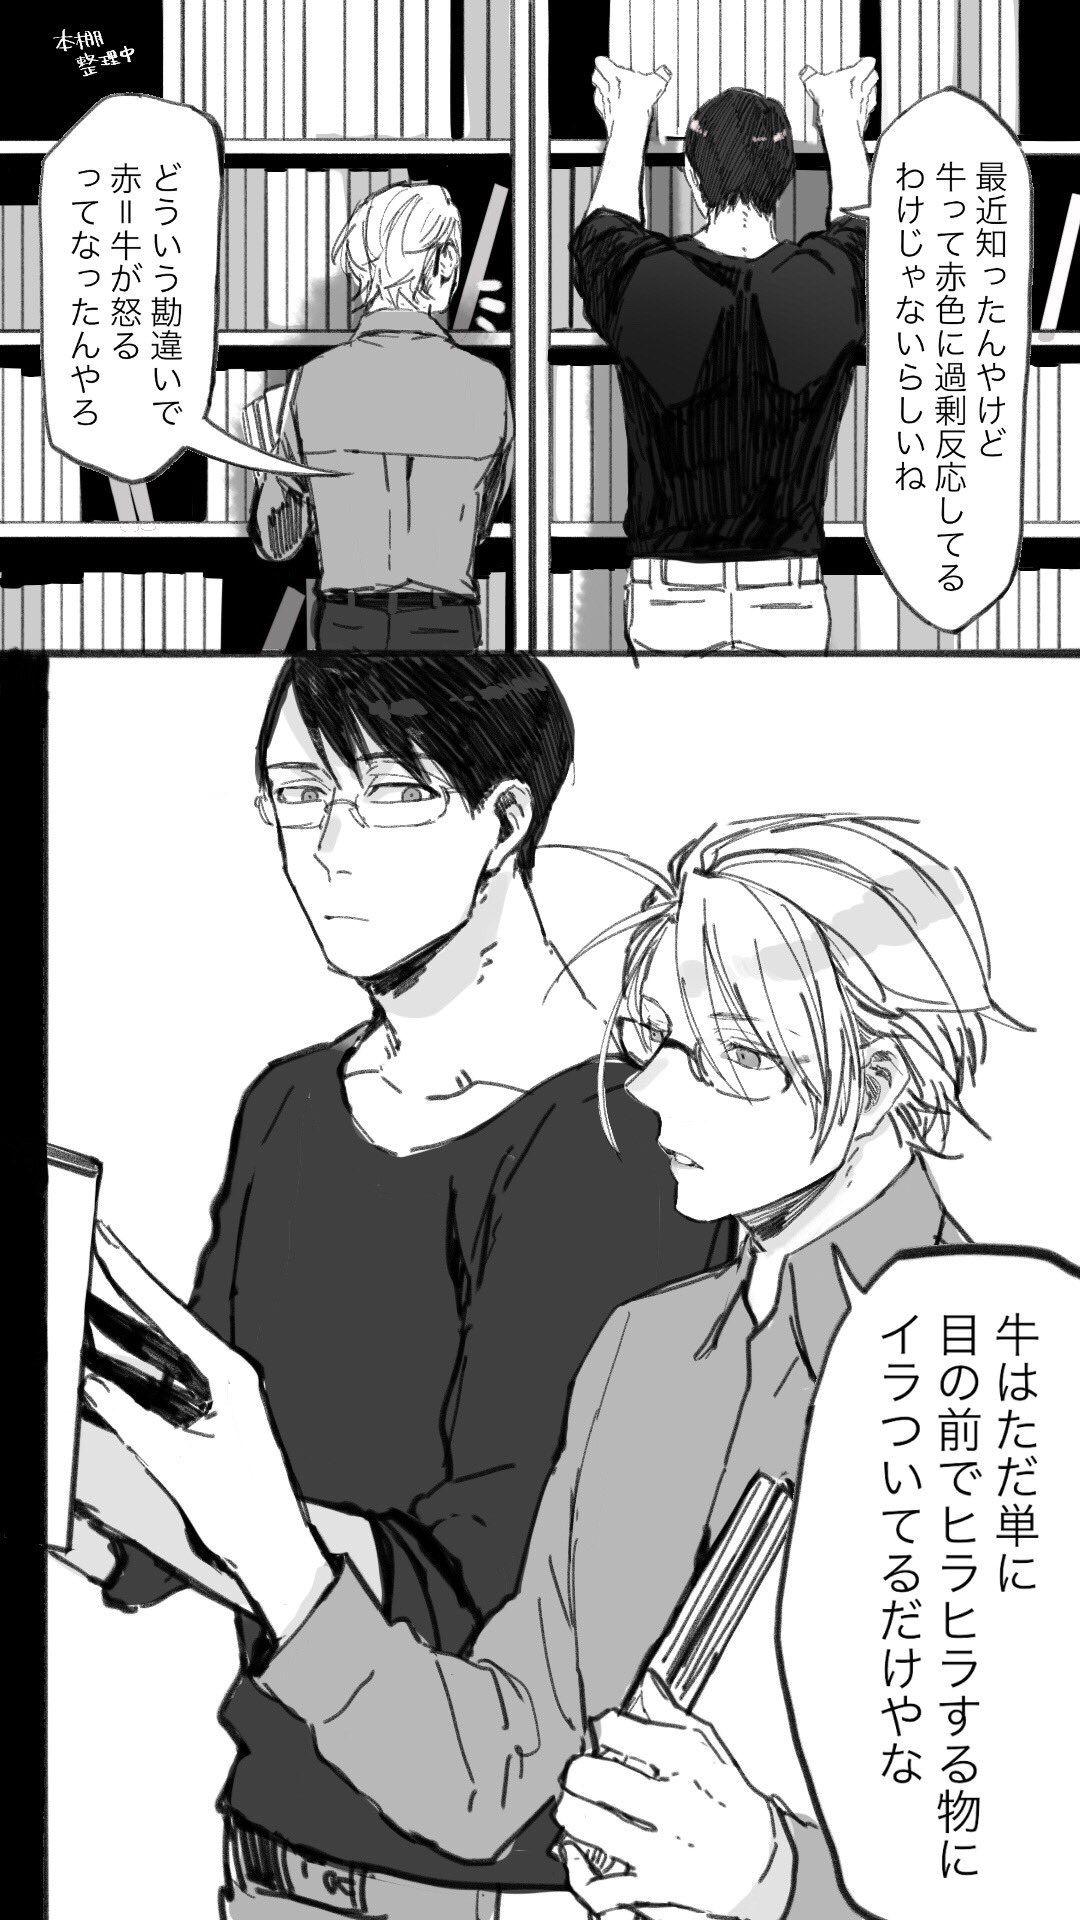 火傷 小説 ゾム ゾムの脅威は姉譲り?【wrwrd!】 (ページ22)